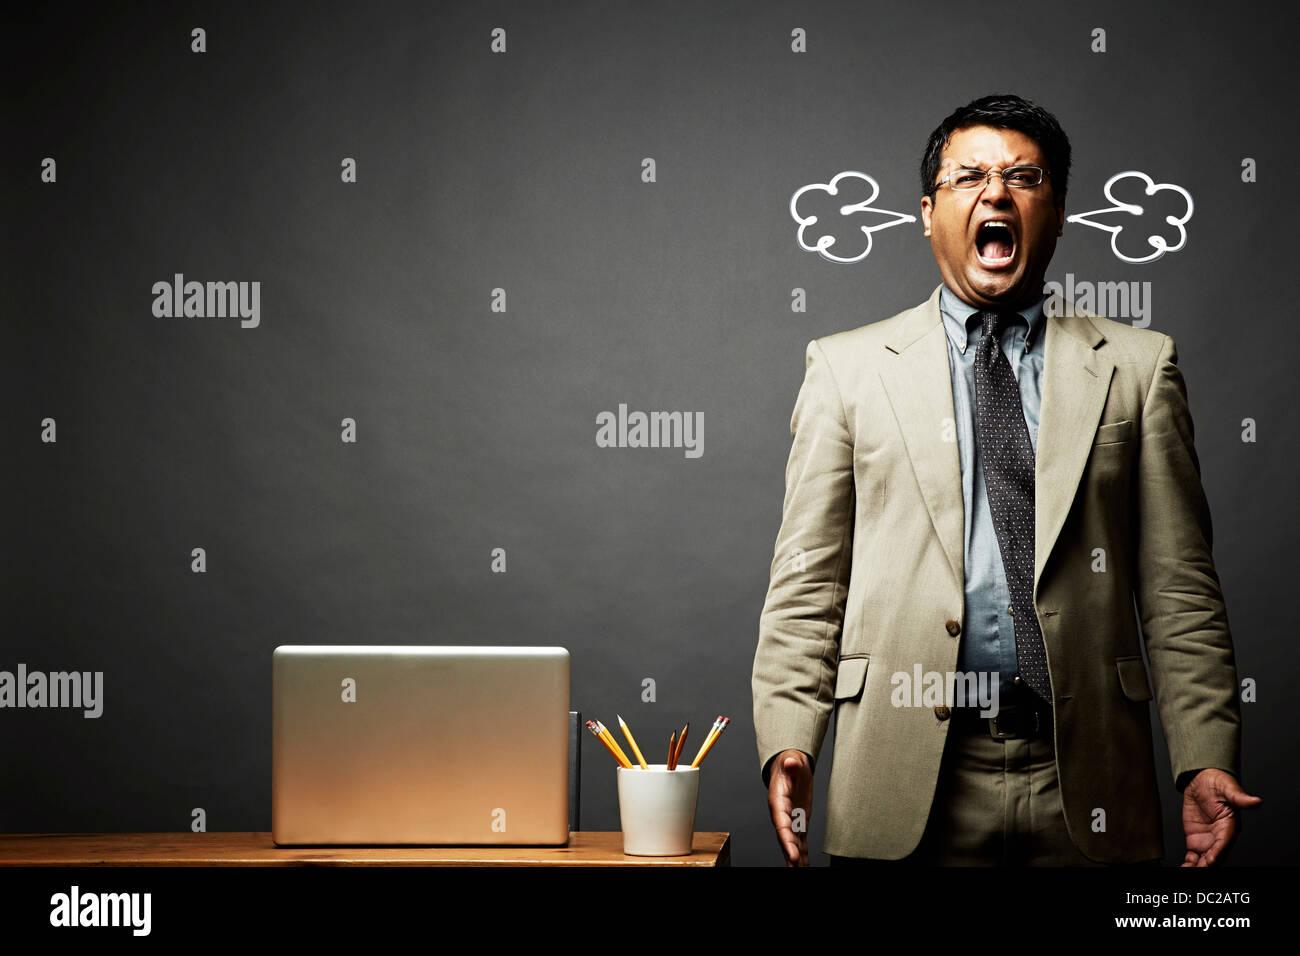 El hombre gritando y humeante Imagen De Stock